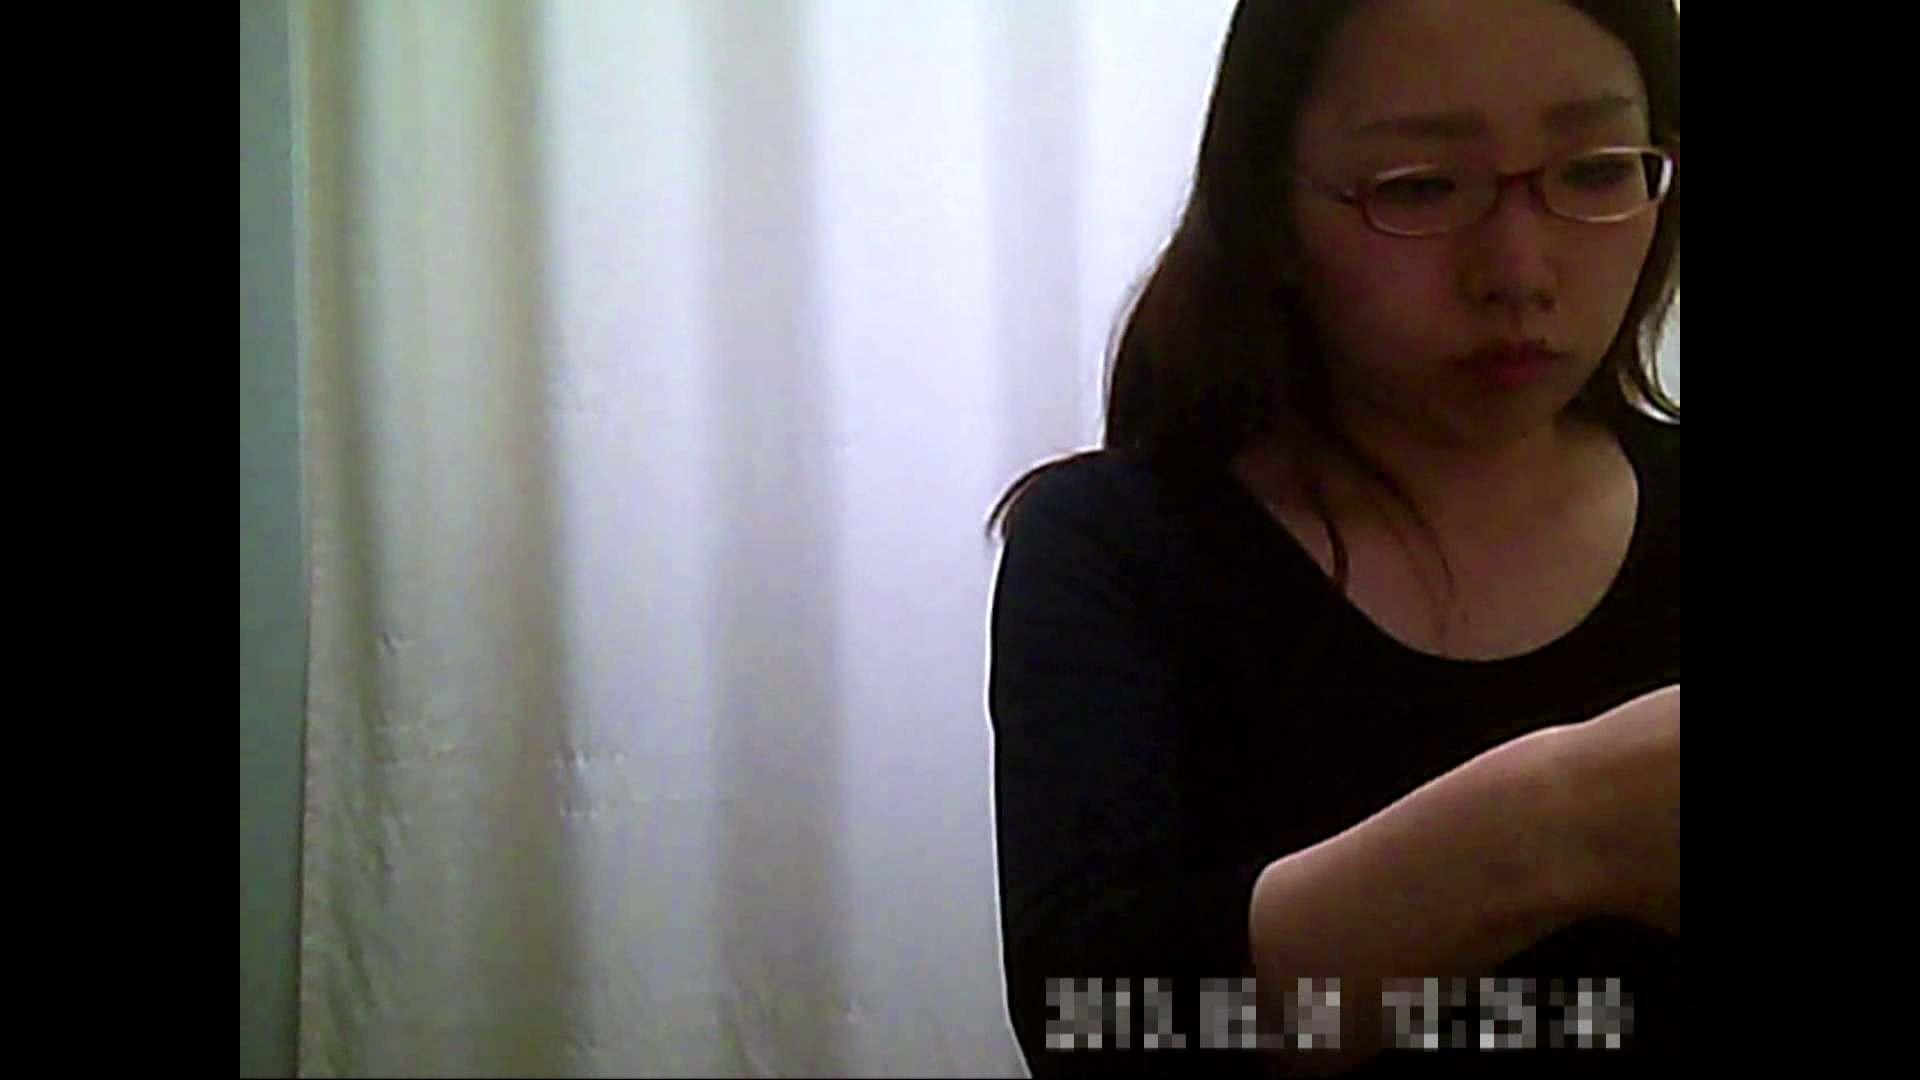 元医者による反抗 更衣室地獄絵巻 vol.090 OL | 0  30連発 21